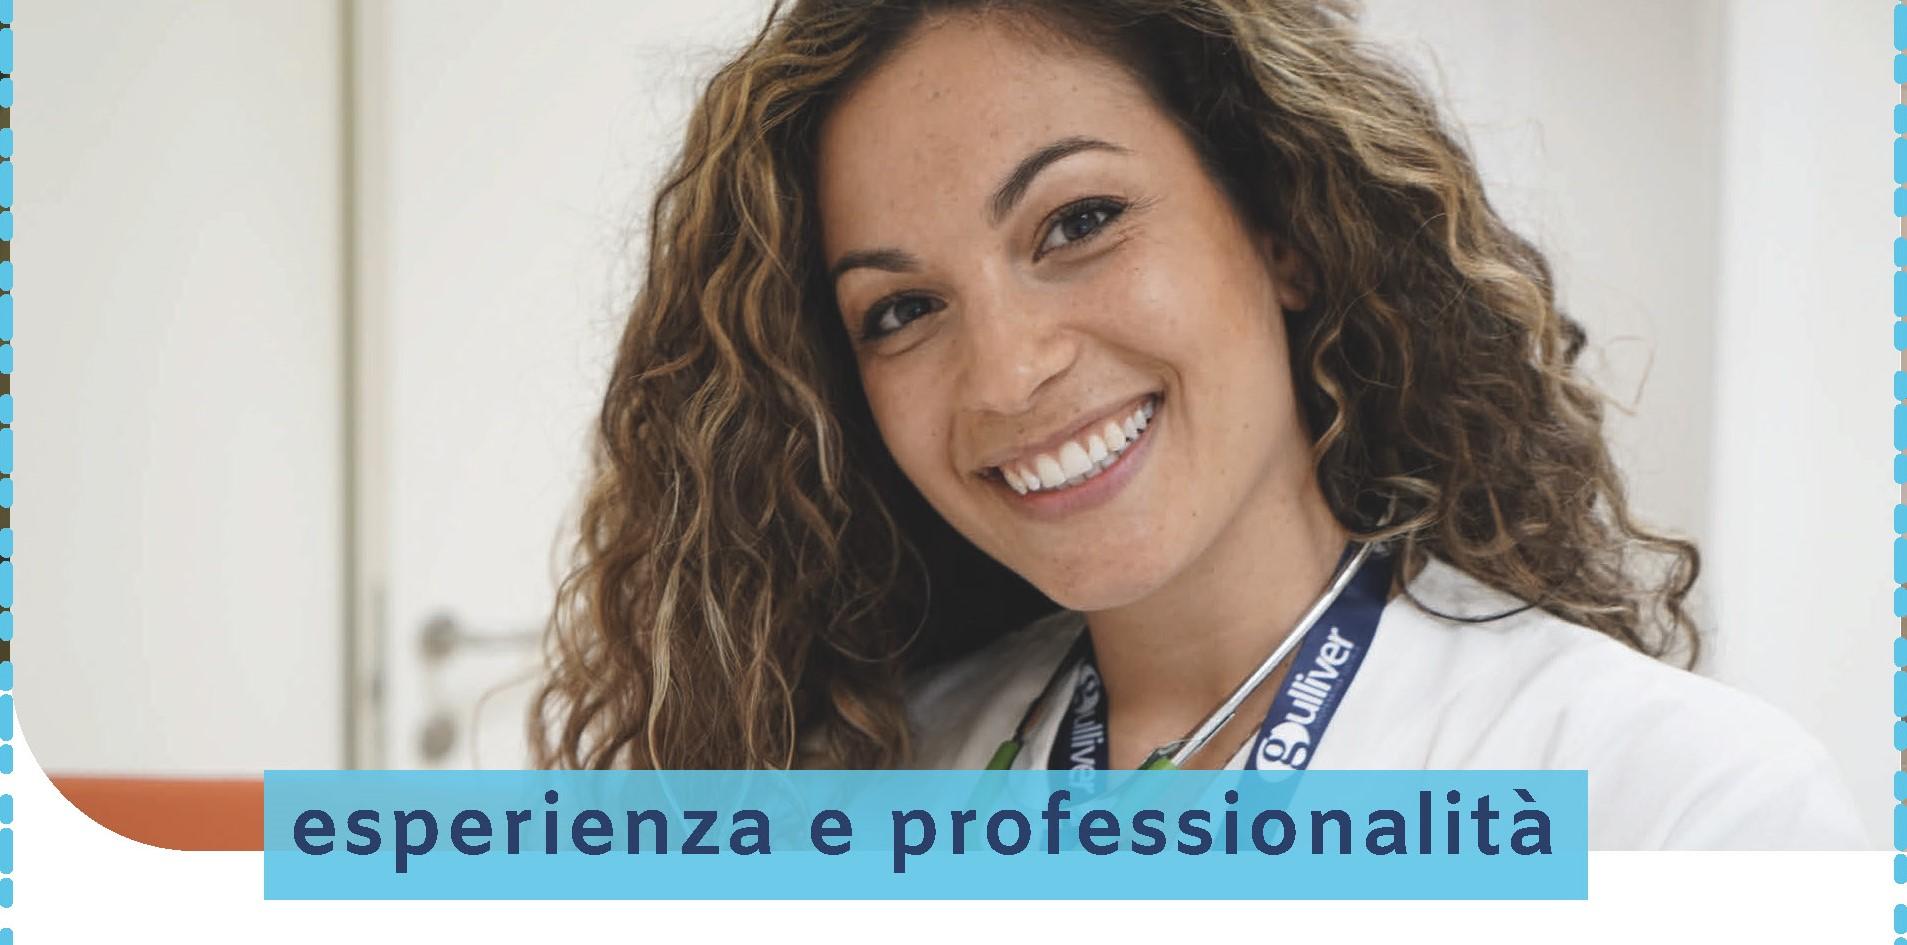 Esperienza e professionalità